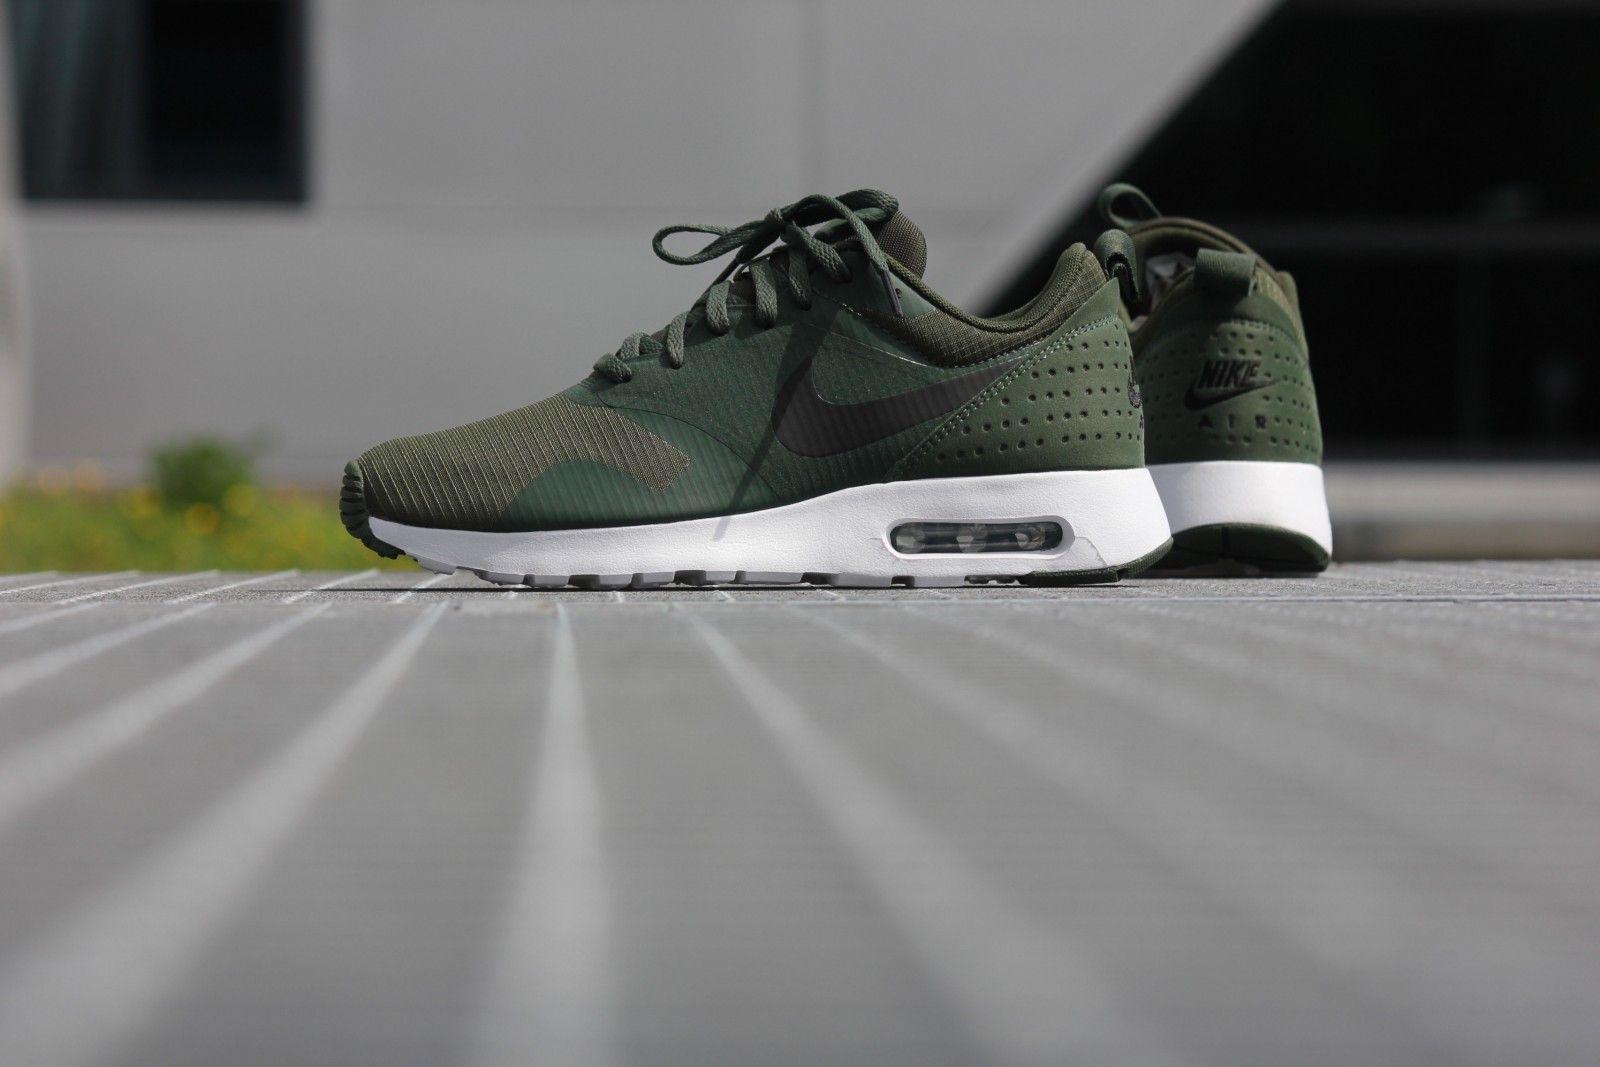 Nike Air Max 1 Tavas Carbon Green Black White 705149 301